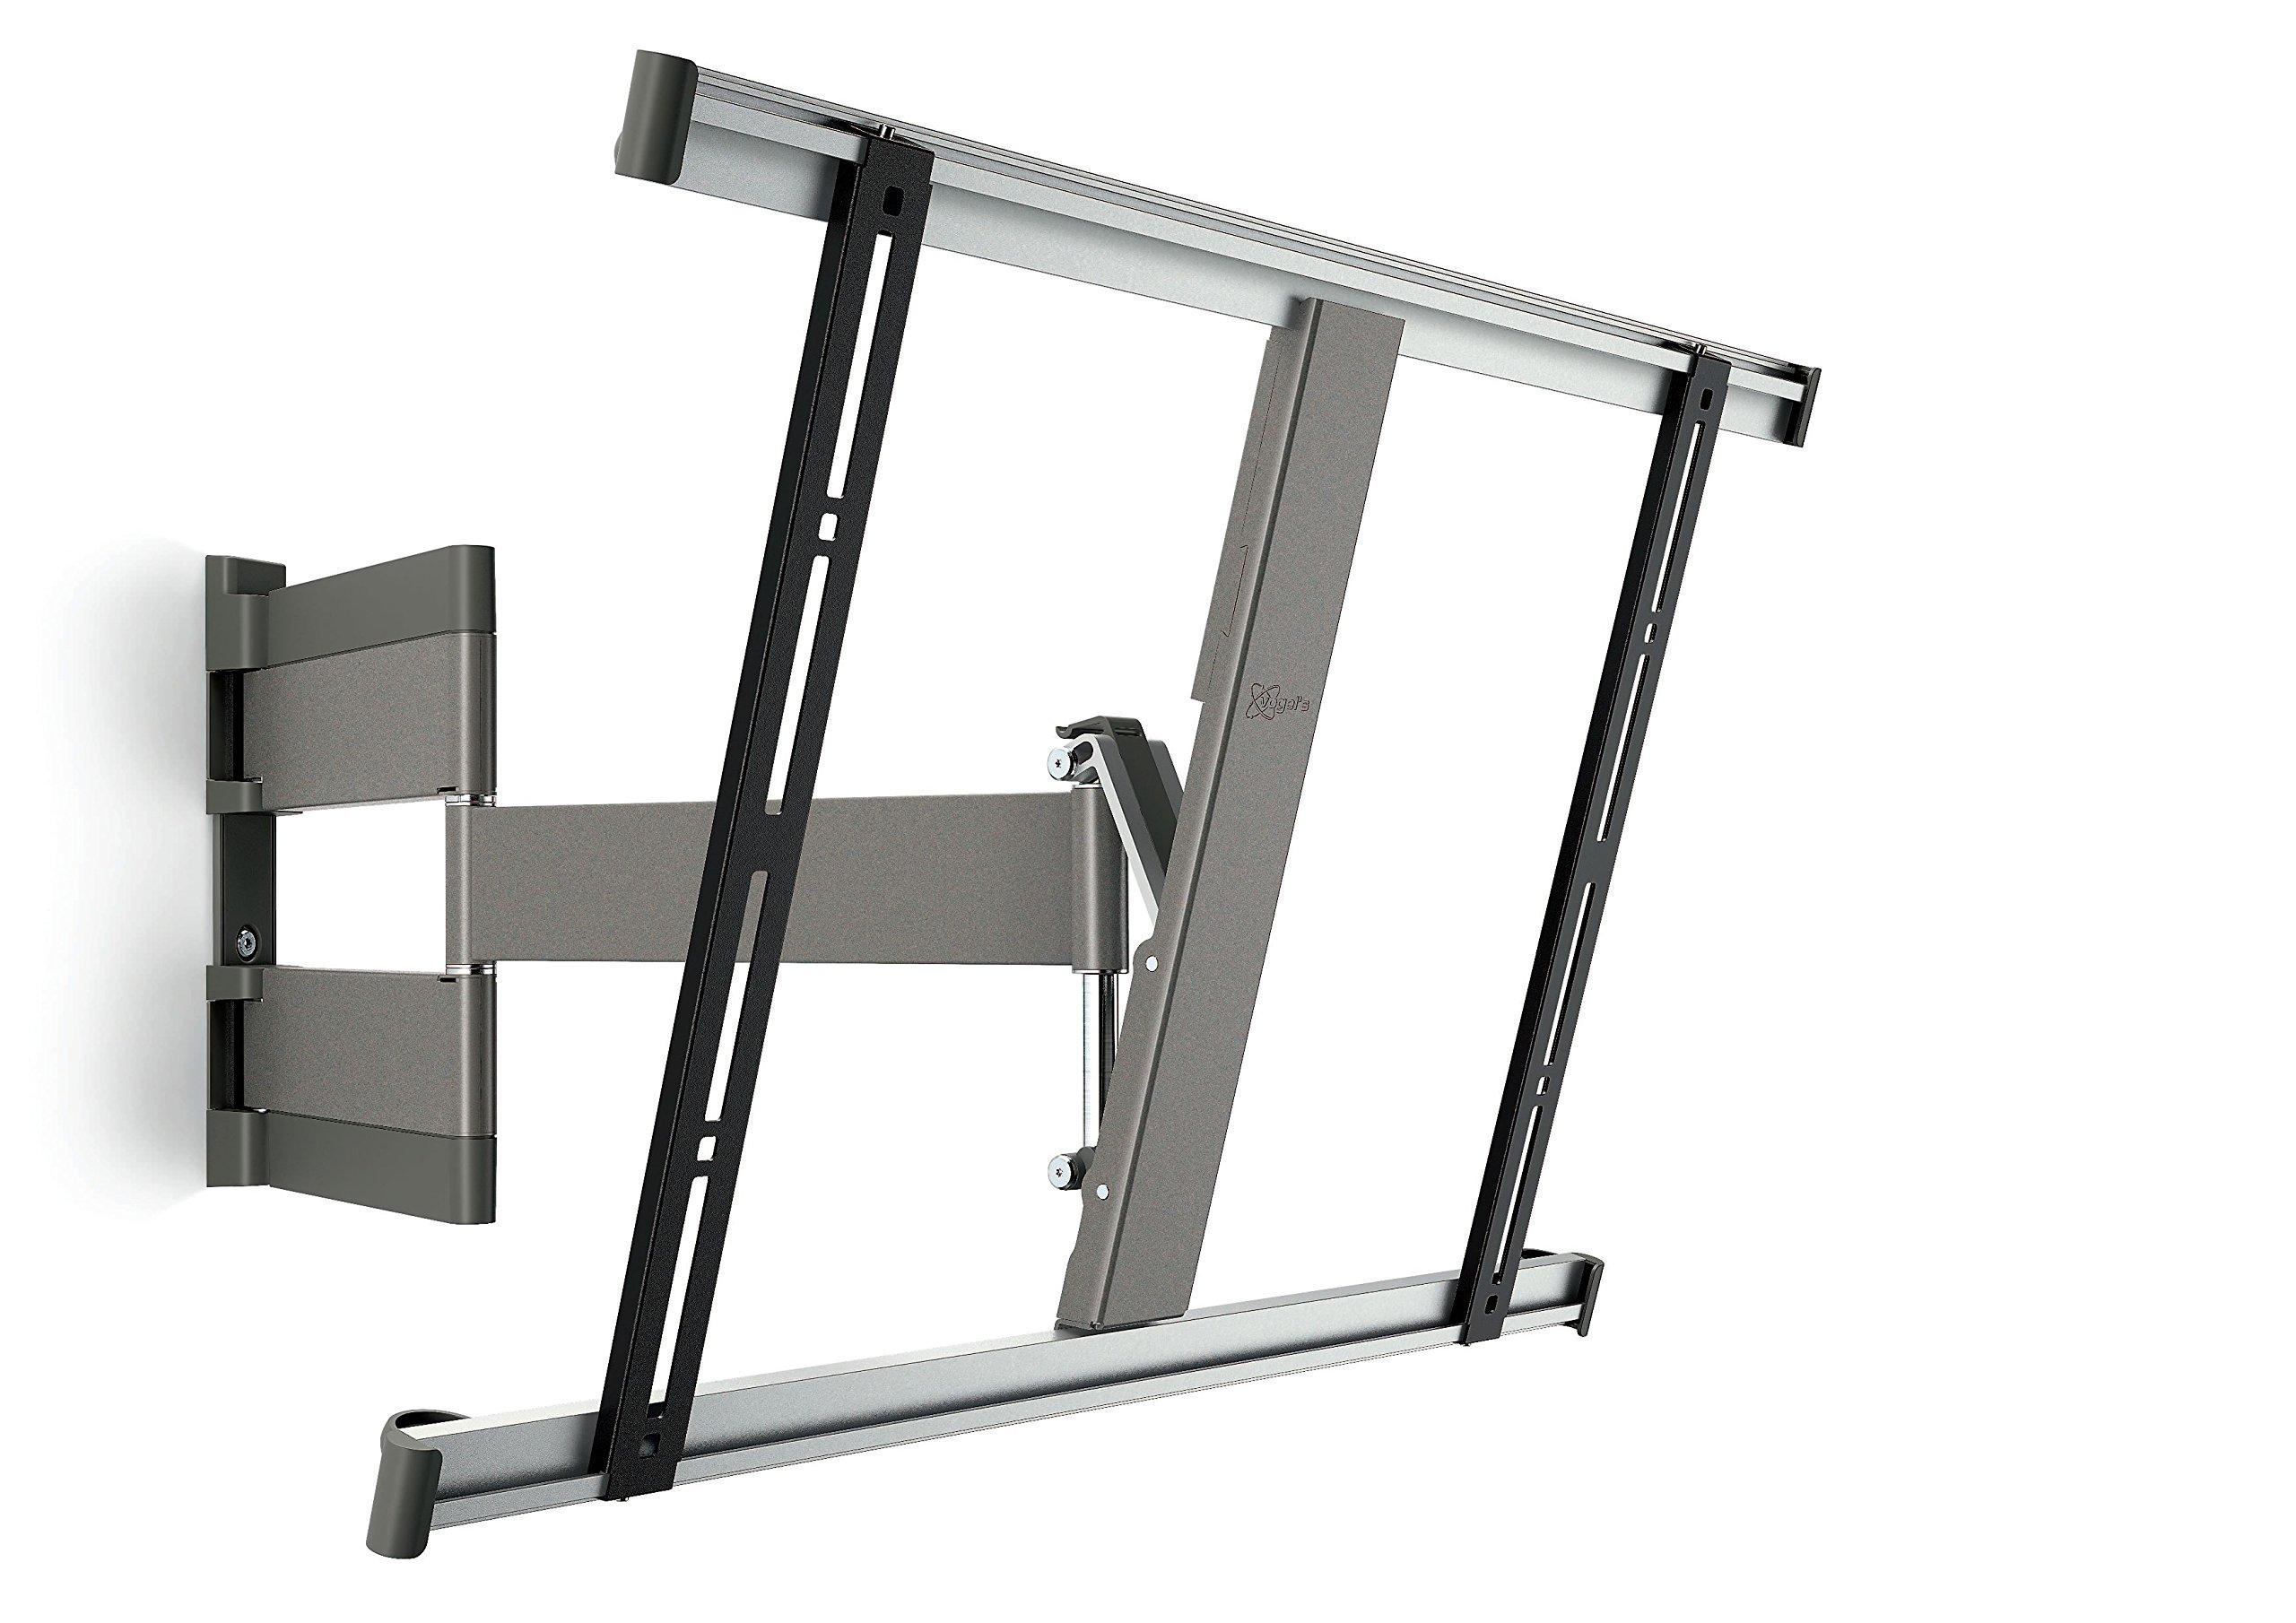 Vogel's TV Wall Mount 180°, Swivel and Tilt Full Motion - THIN series, THIN 345 40 to 65 inch Swivel Tilt, Gray